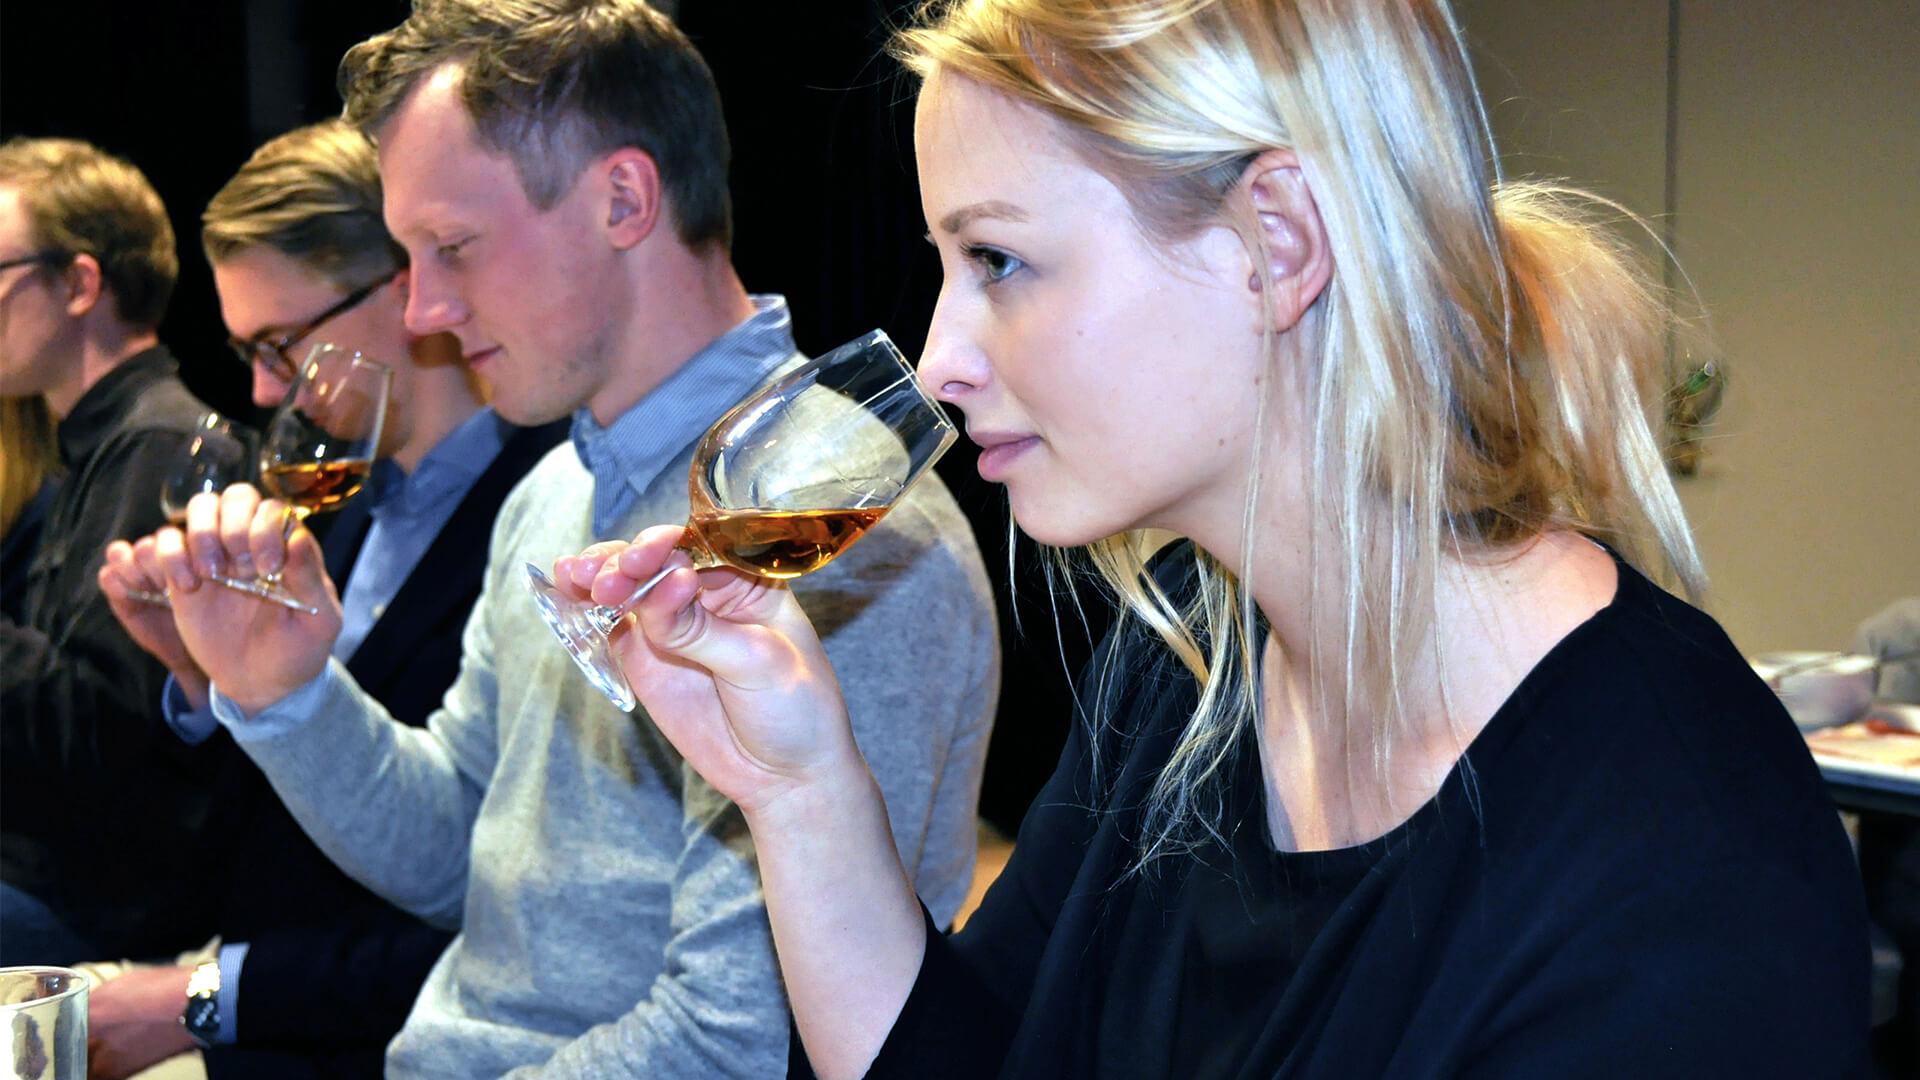 Ett deltagare doftar på lagrade viner under ett privat event